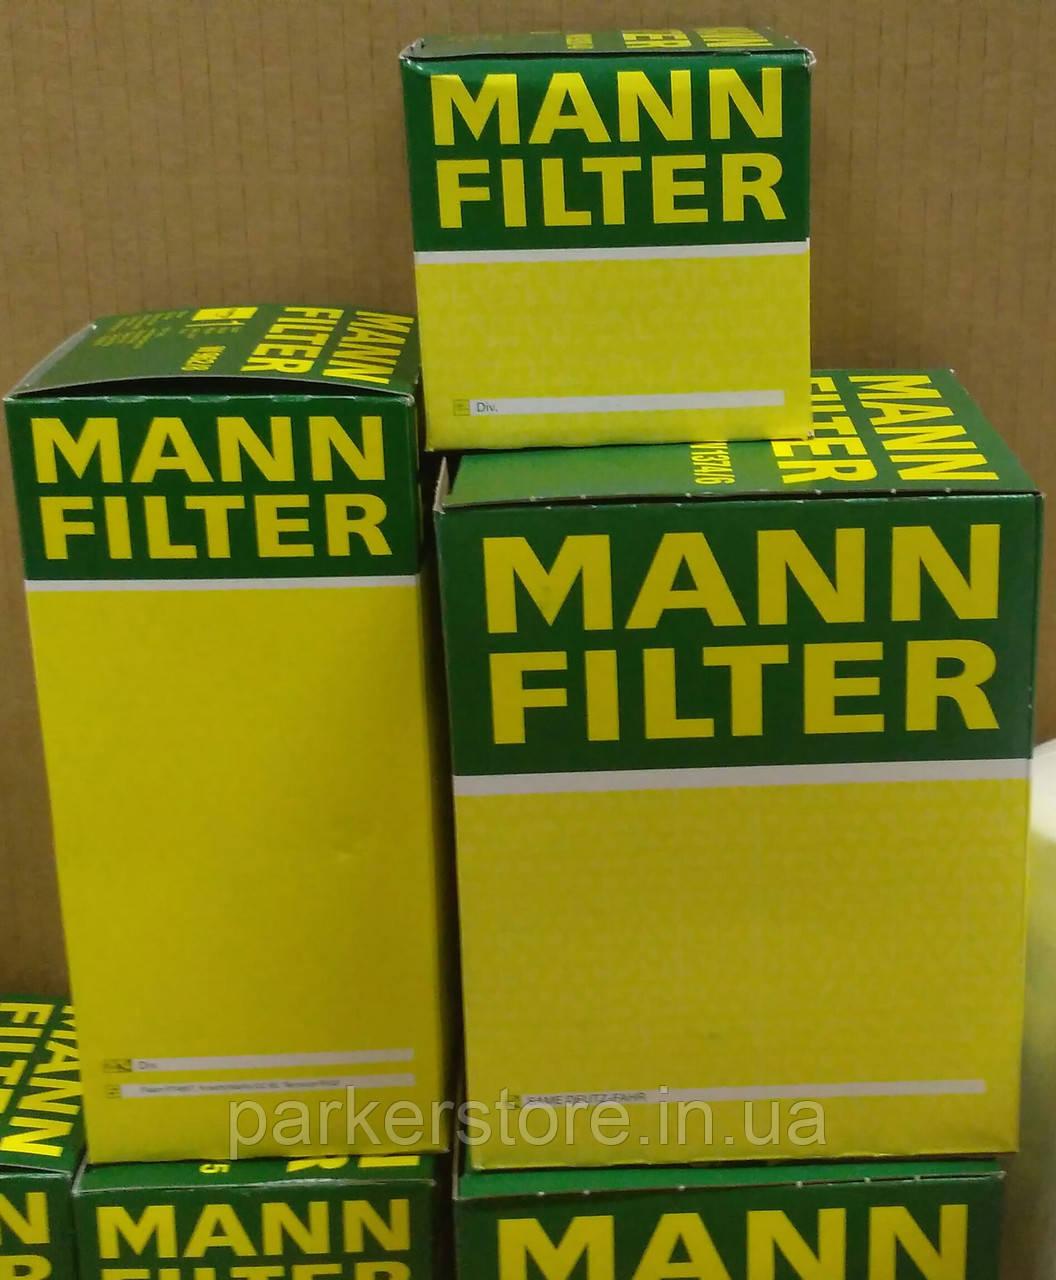 MANN FILTER / Воздушный фильтр / C 1652 / C1652